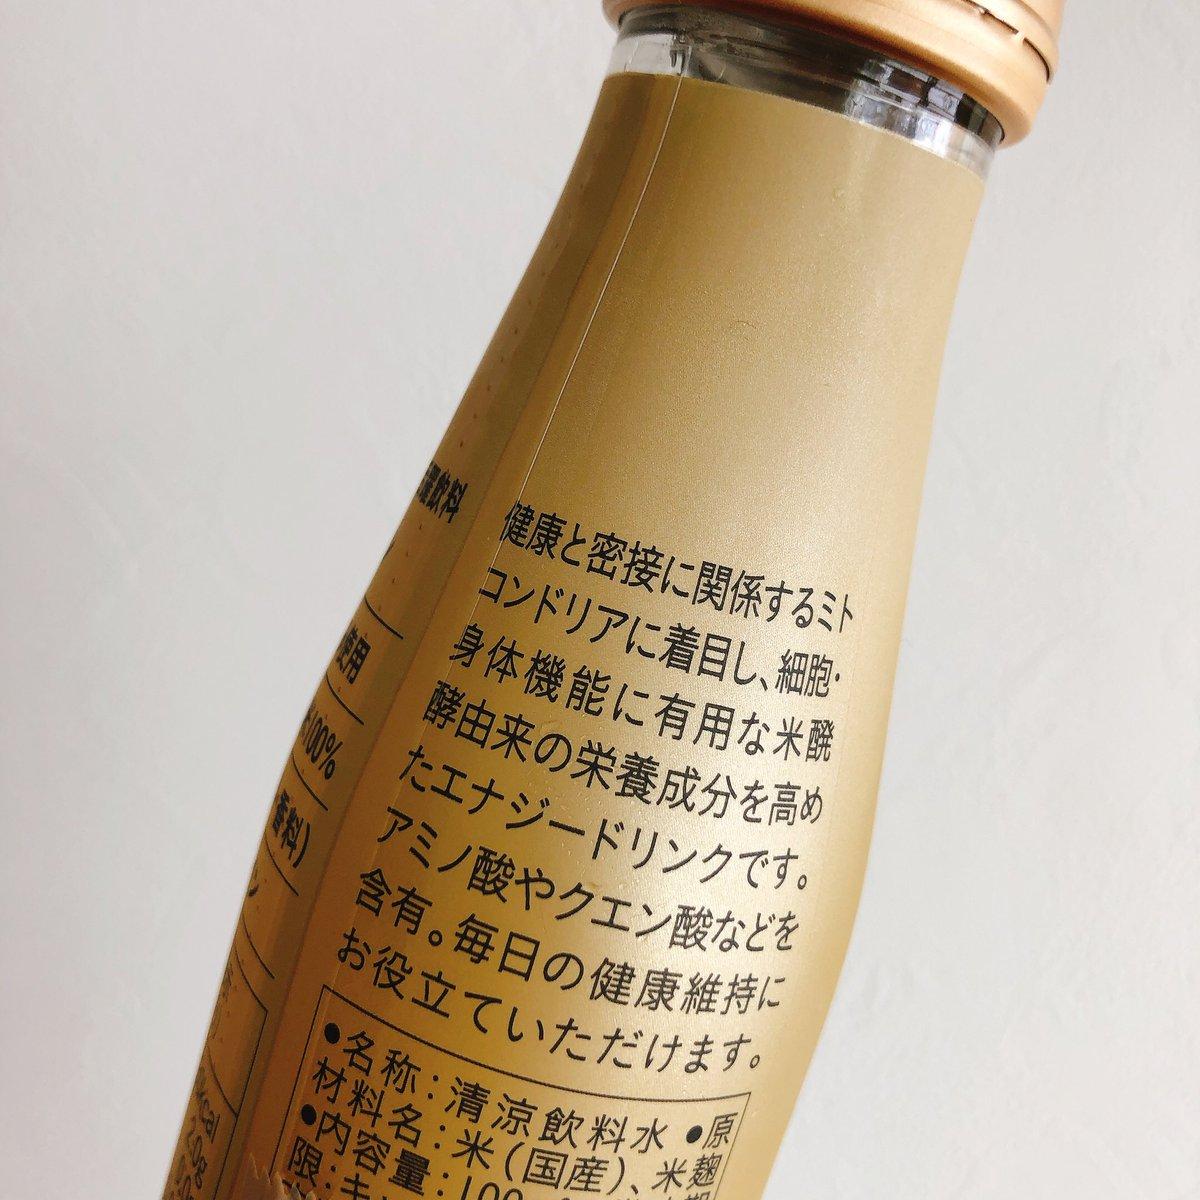 test ツイッターメディア - 最近、お仕事でご一緒している石川県の福光屋さんからオススメしてもらったエナジードリンクを飲んでみました✩︎⡱ お米と麴だけで作られているんです。 味は米蜜みたい。細胞に染み込むような女子にオススメなドリンクですよ( *ˊᵕˋ)✩︎‧₊ https://t.co/BbhOjvaCwN